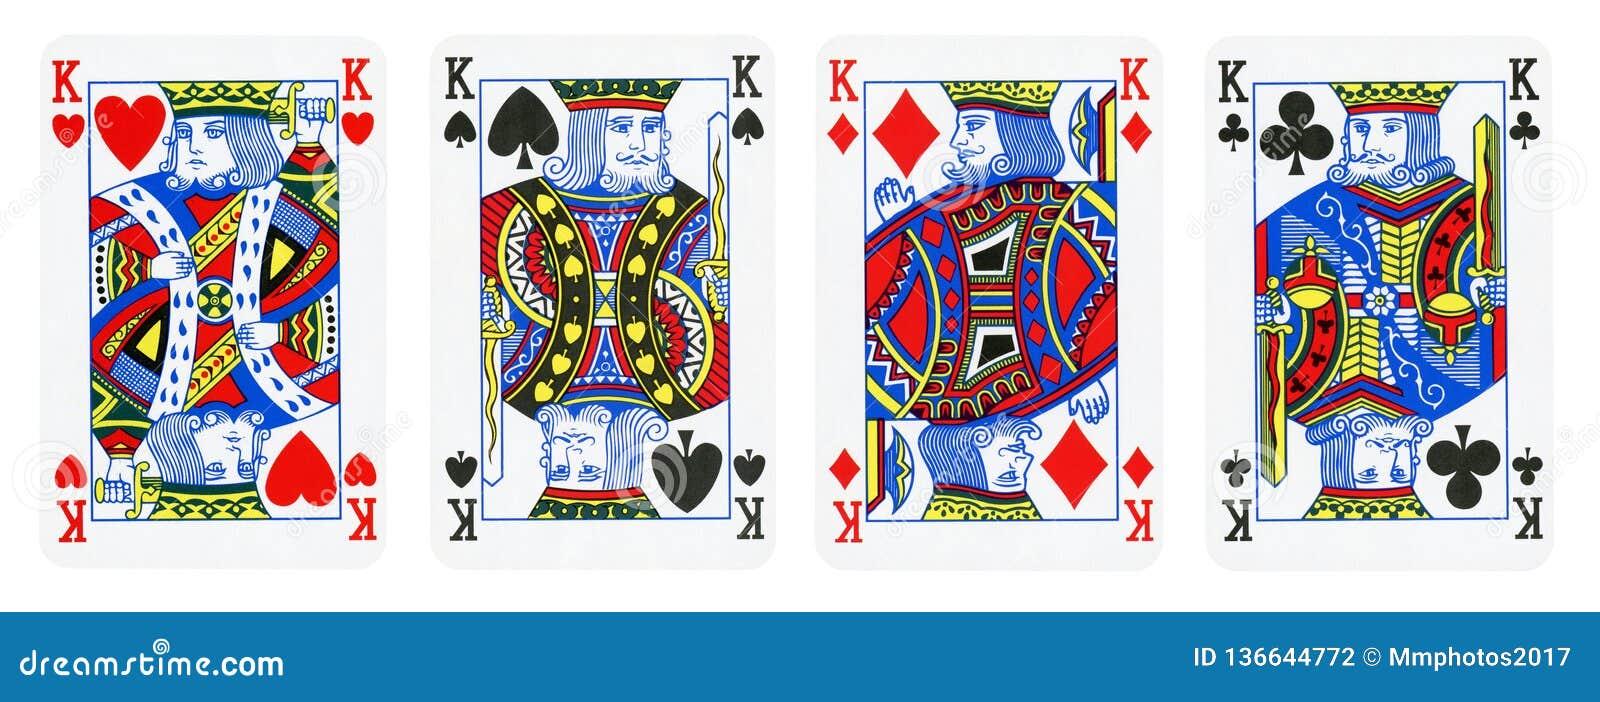 Карты короли играть онлайн казино с реальным выигрышем